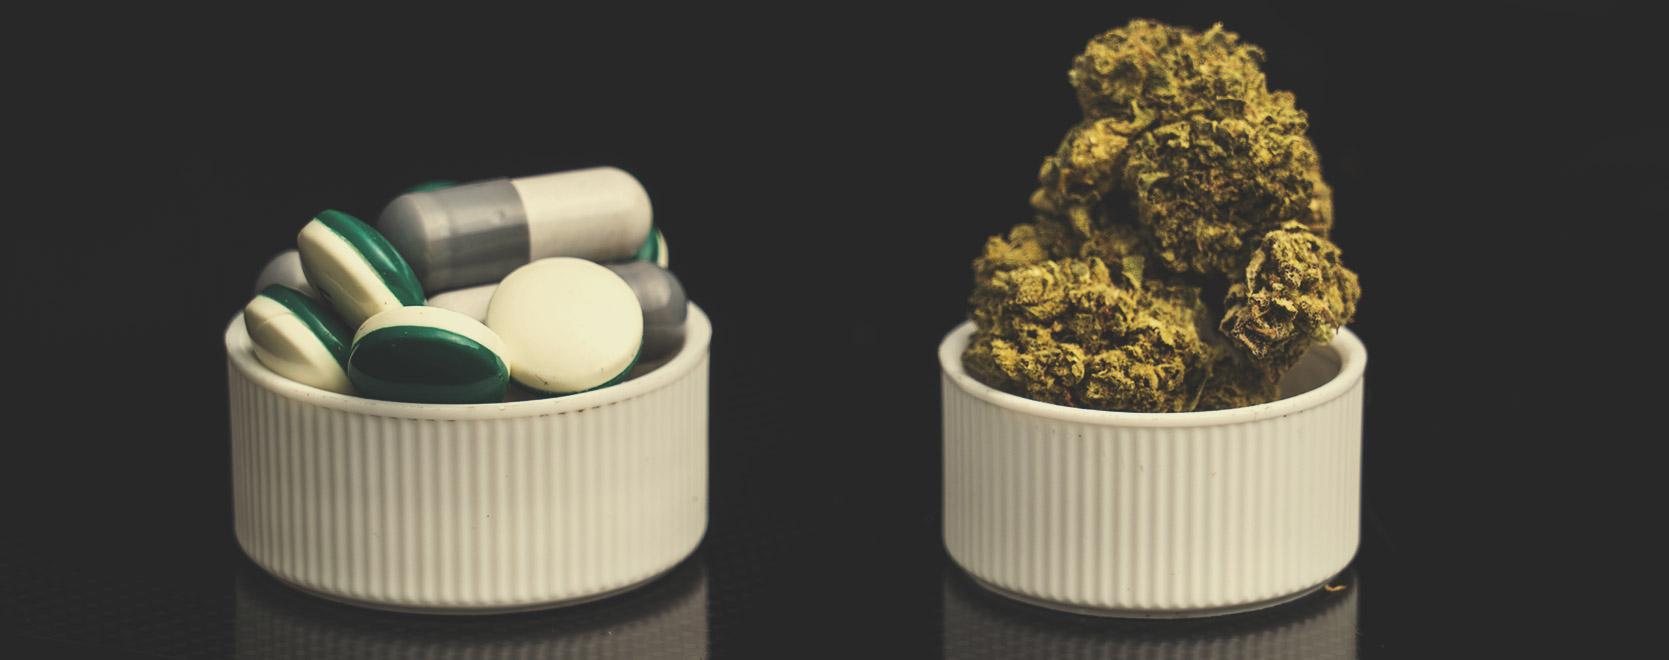 Was passiert, wenn man Opioide mit Cannabis kombiniert?